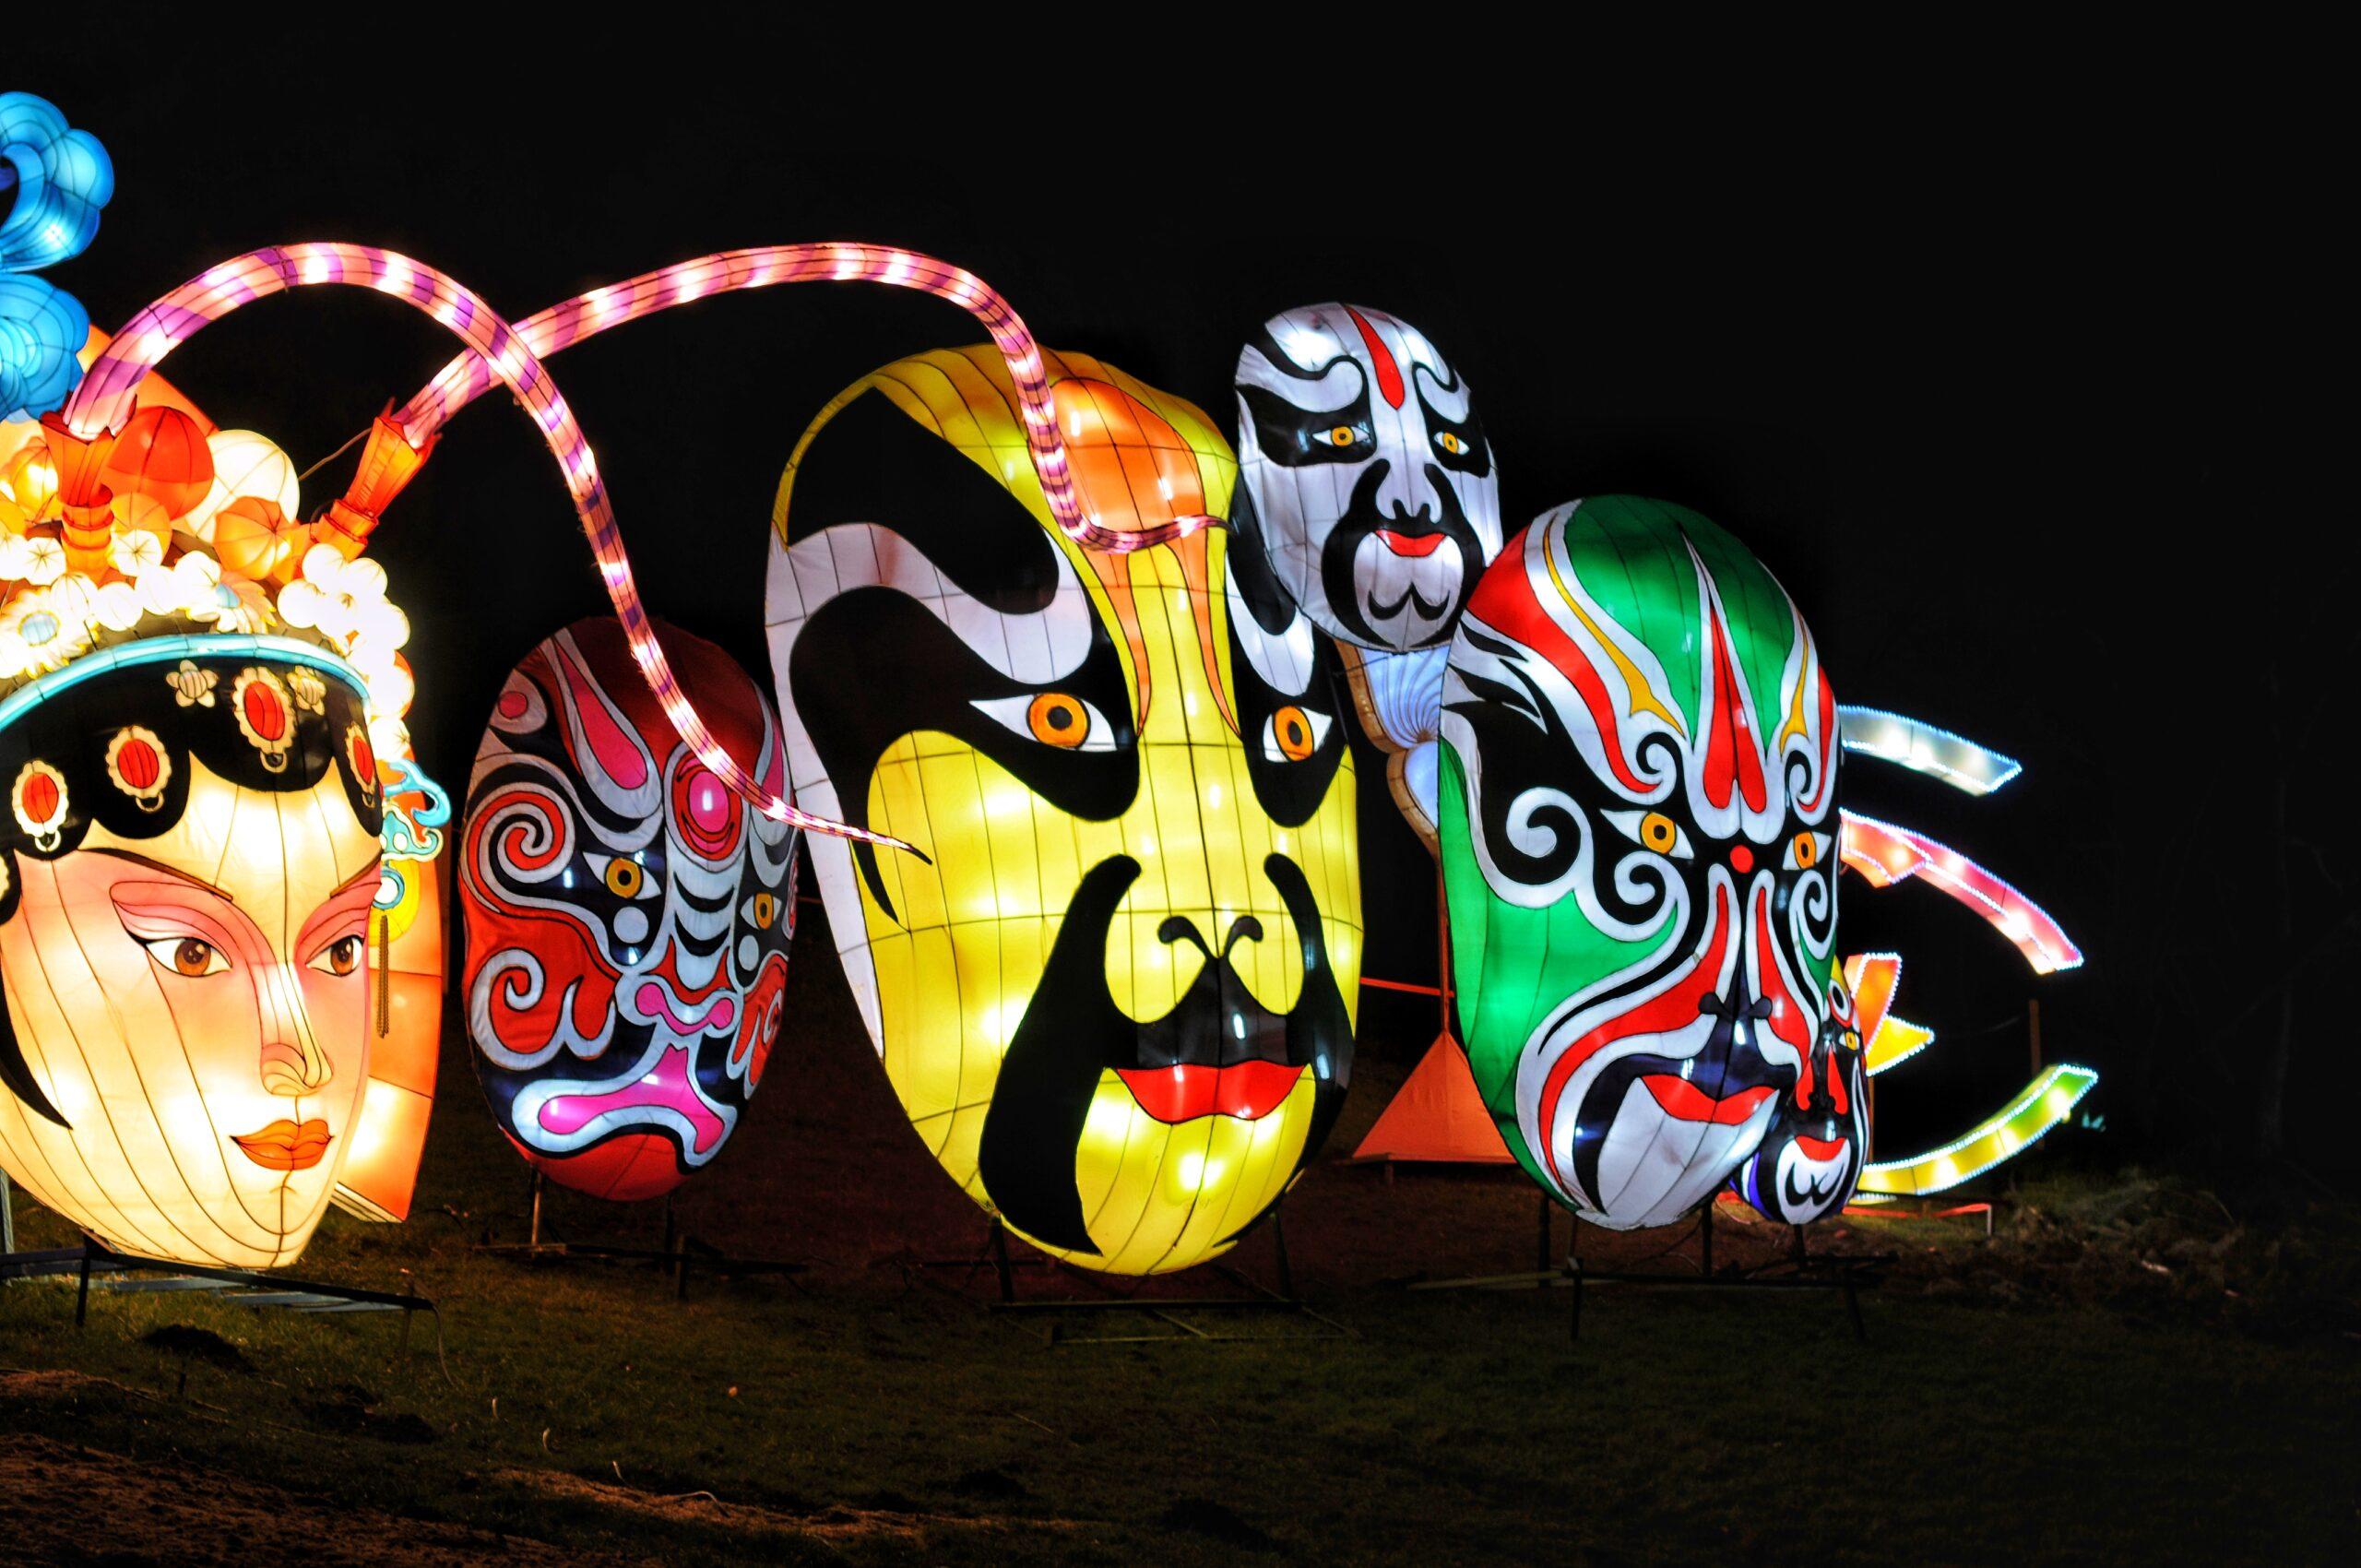 Огненное шоу и гигантский лев: в Киеве стартовал фестиваль китайских фонарей.Вокруг Света. Украина